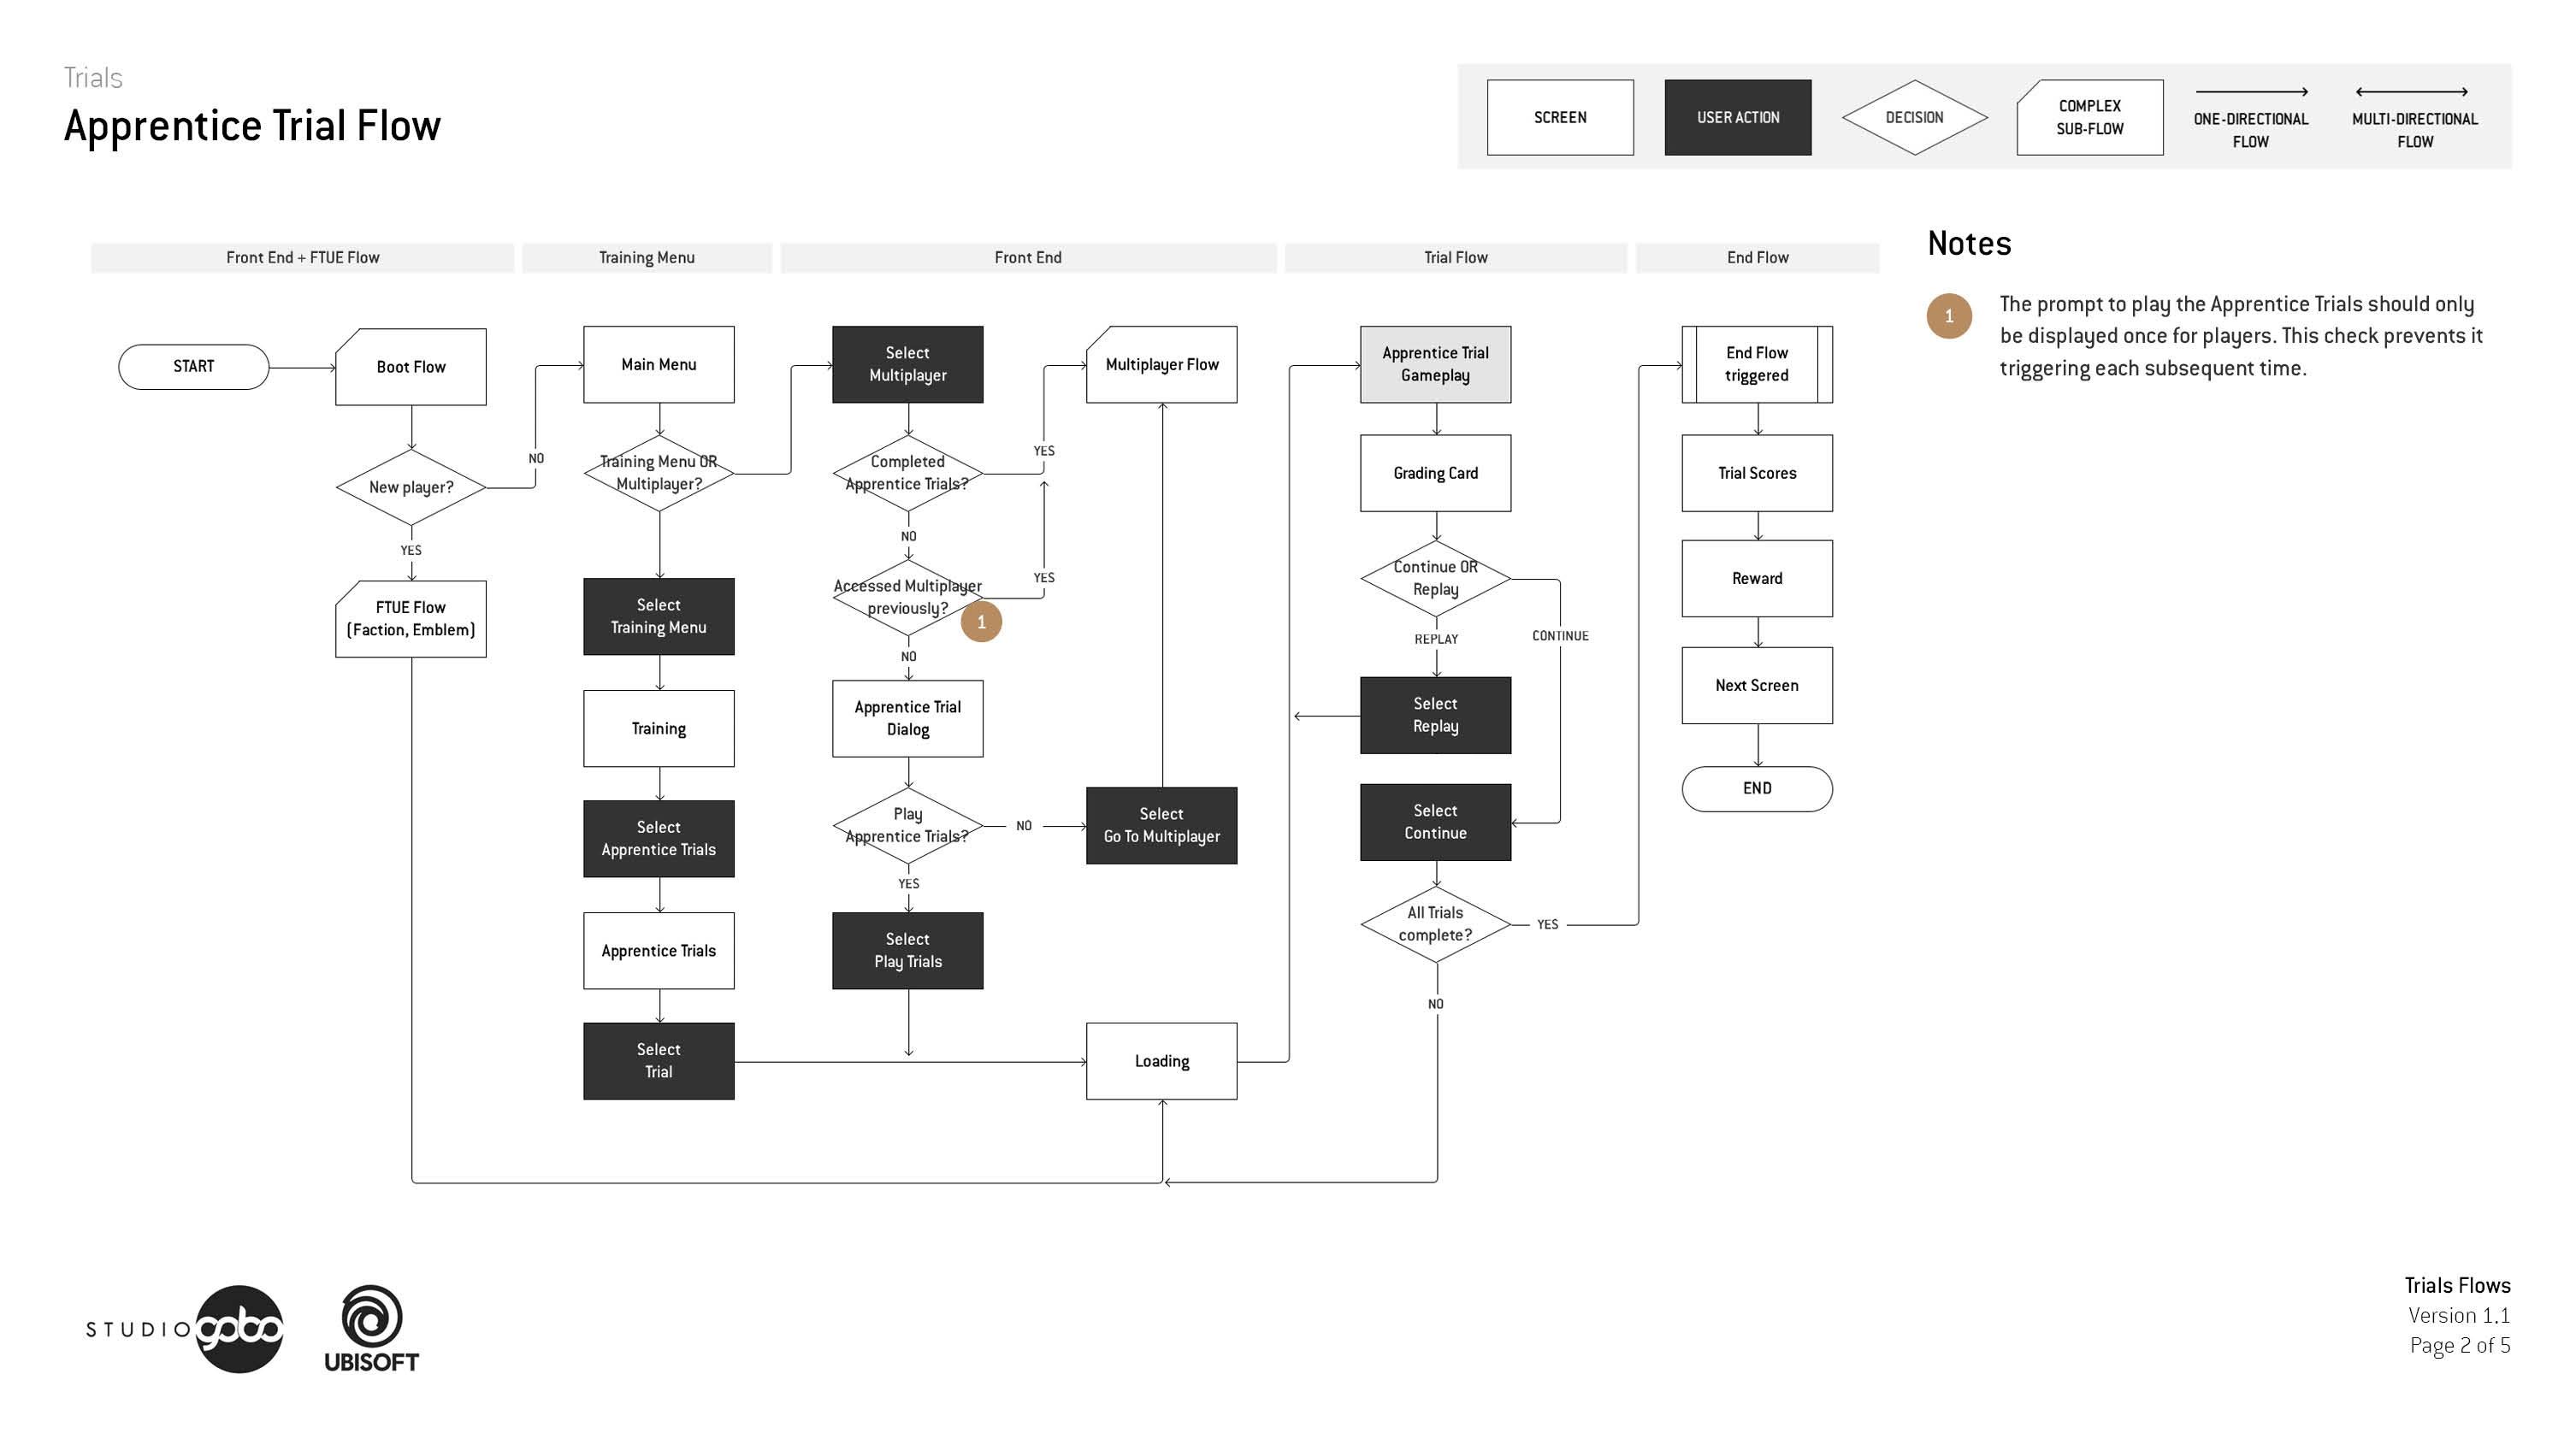 Trial flow